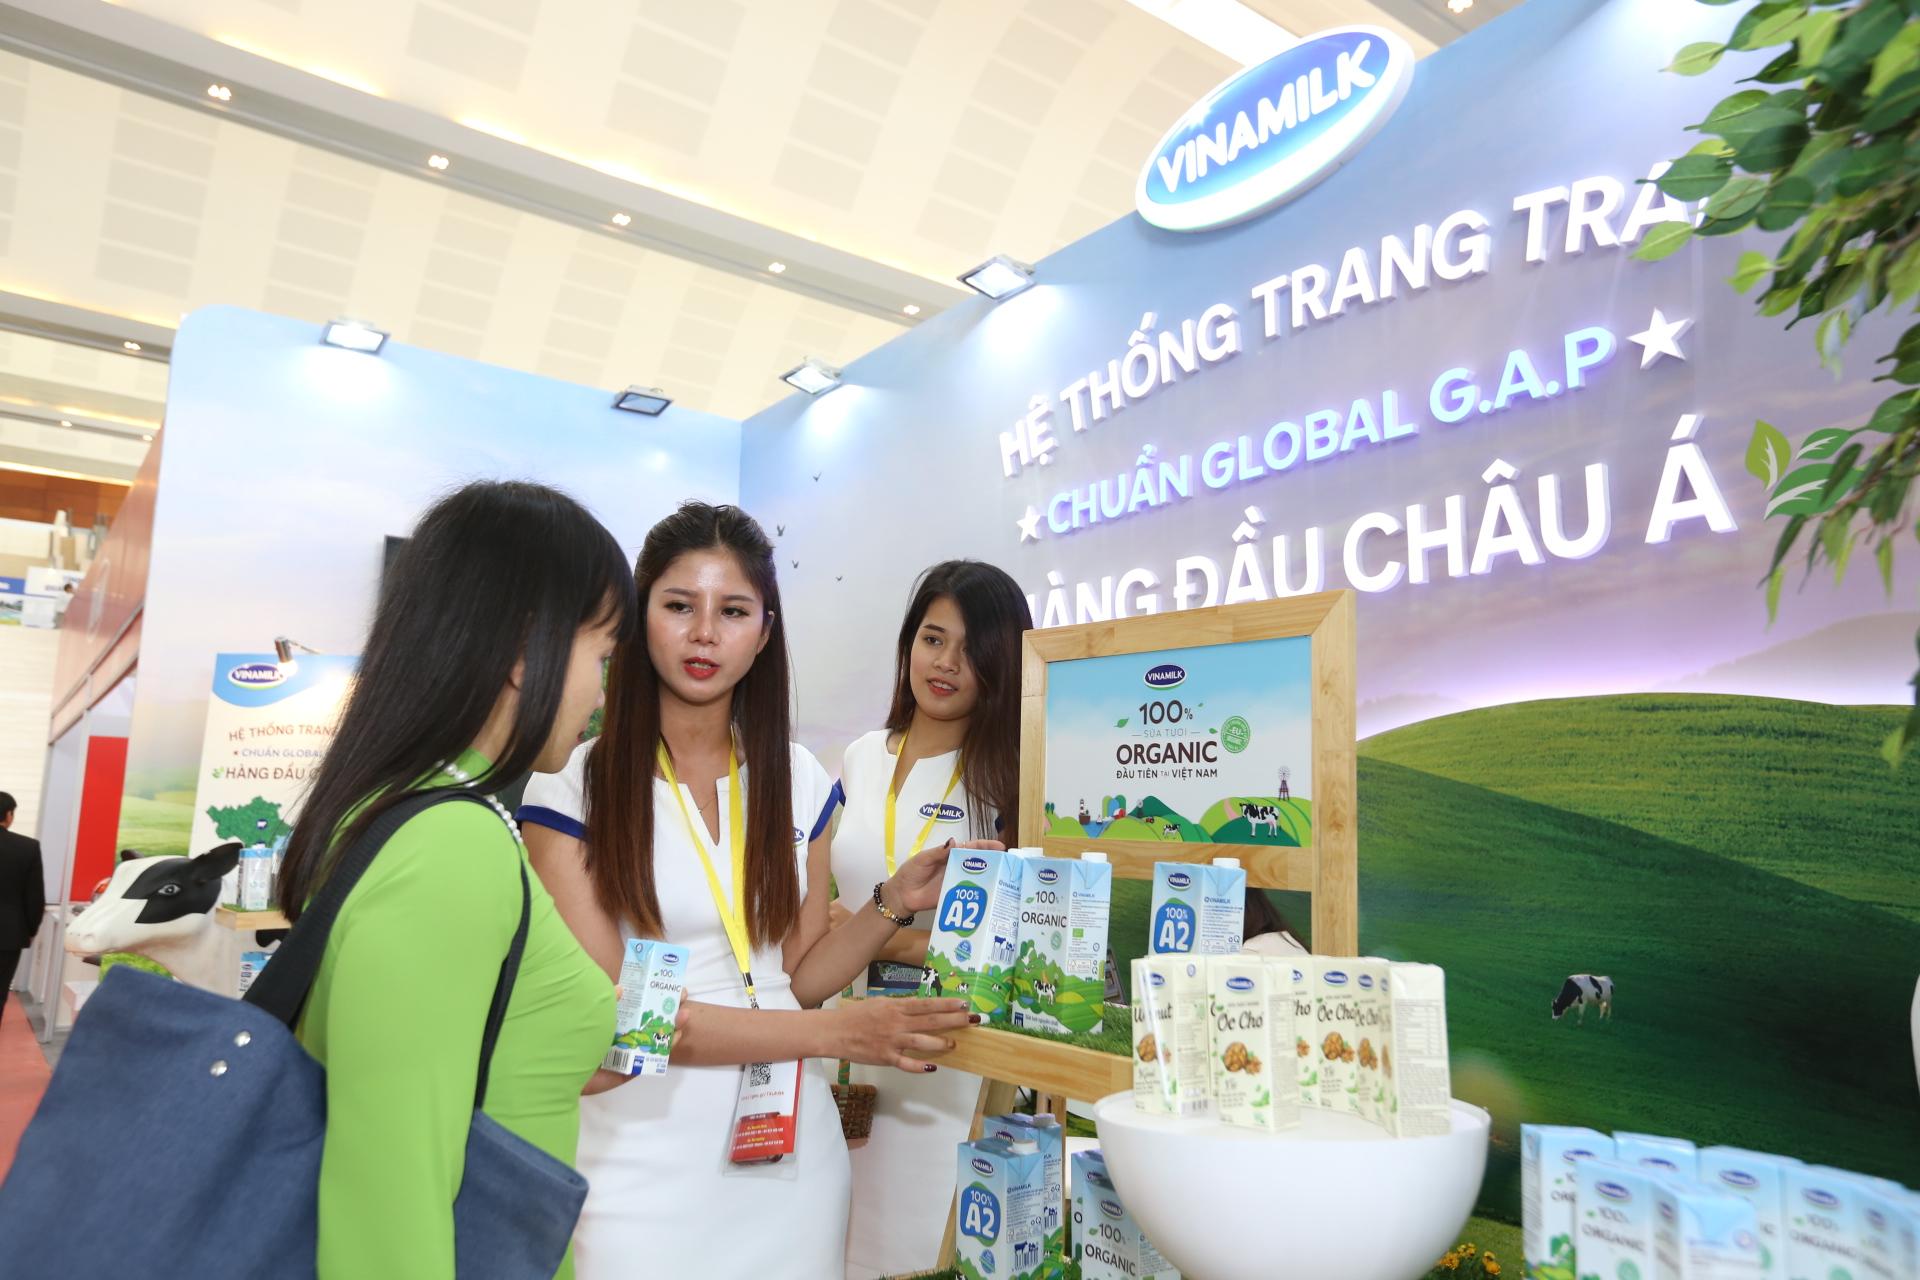 Vinamilk nhận bằng khen của Thủ tướng Chính Phủ về phát triển tam nông bền vững - Ảnh 3